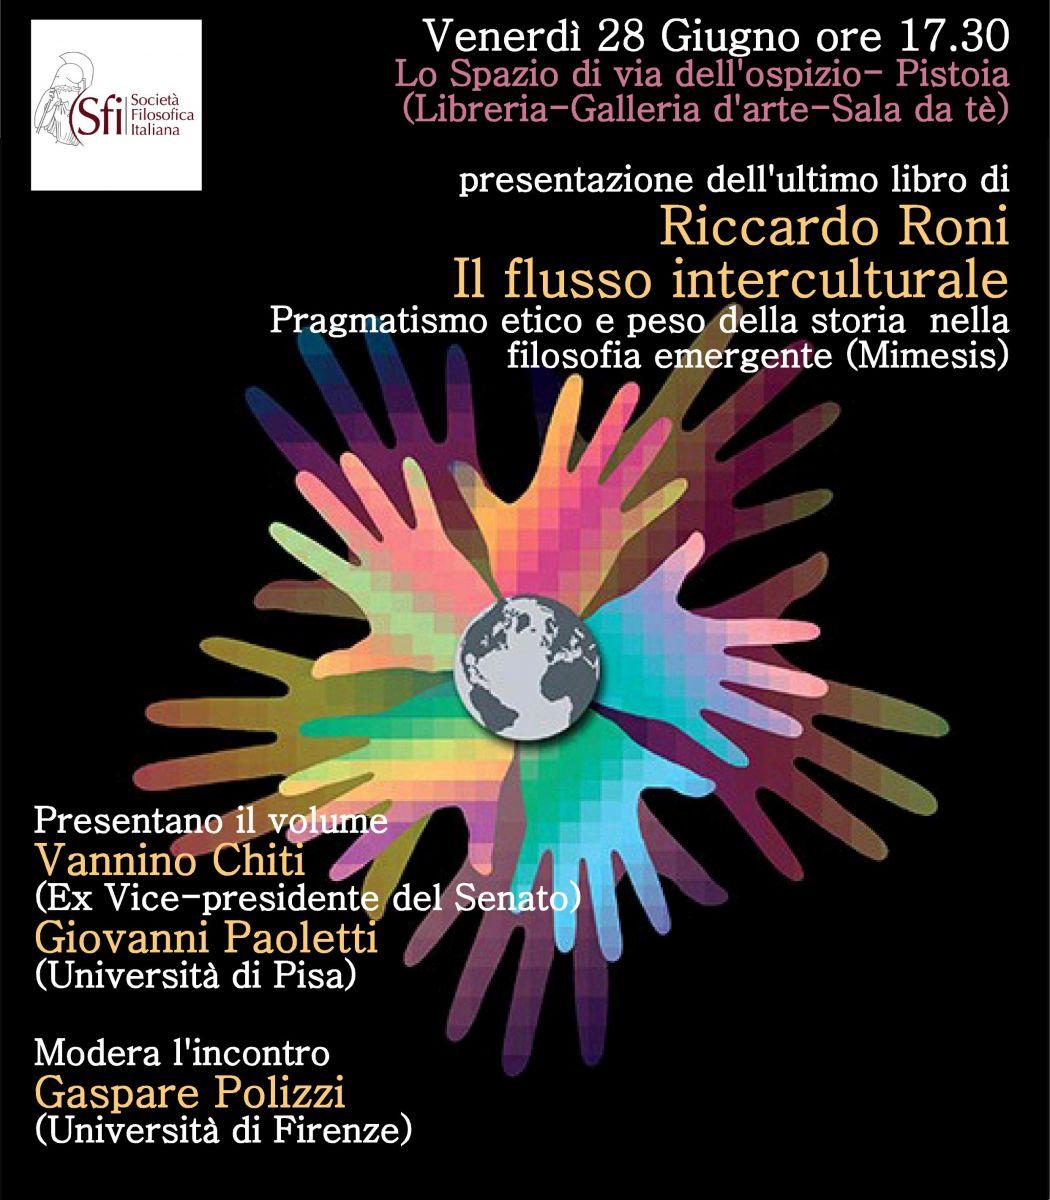 Presentazione del libro: Riccardo Roni, Il flusso interculturale